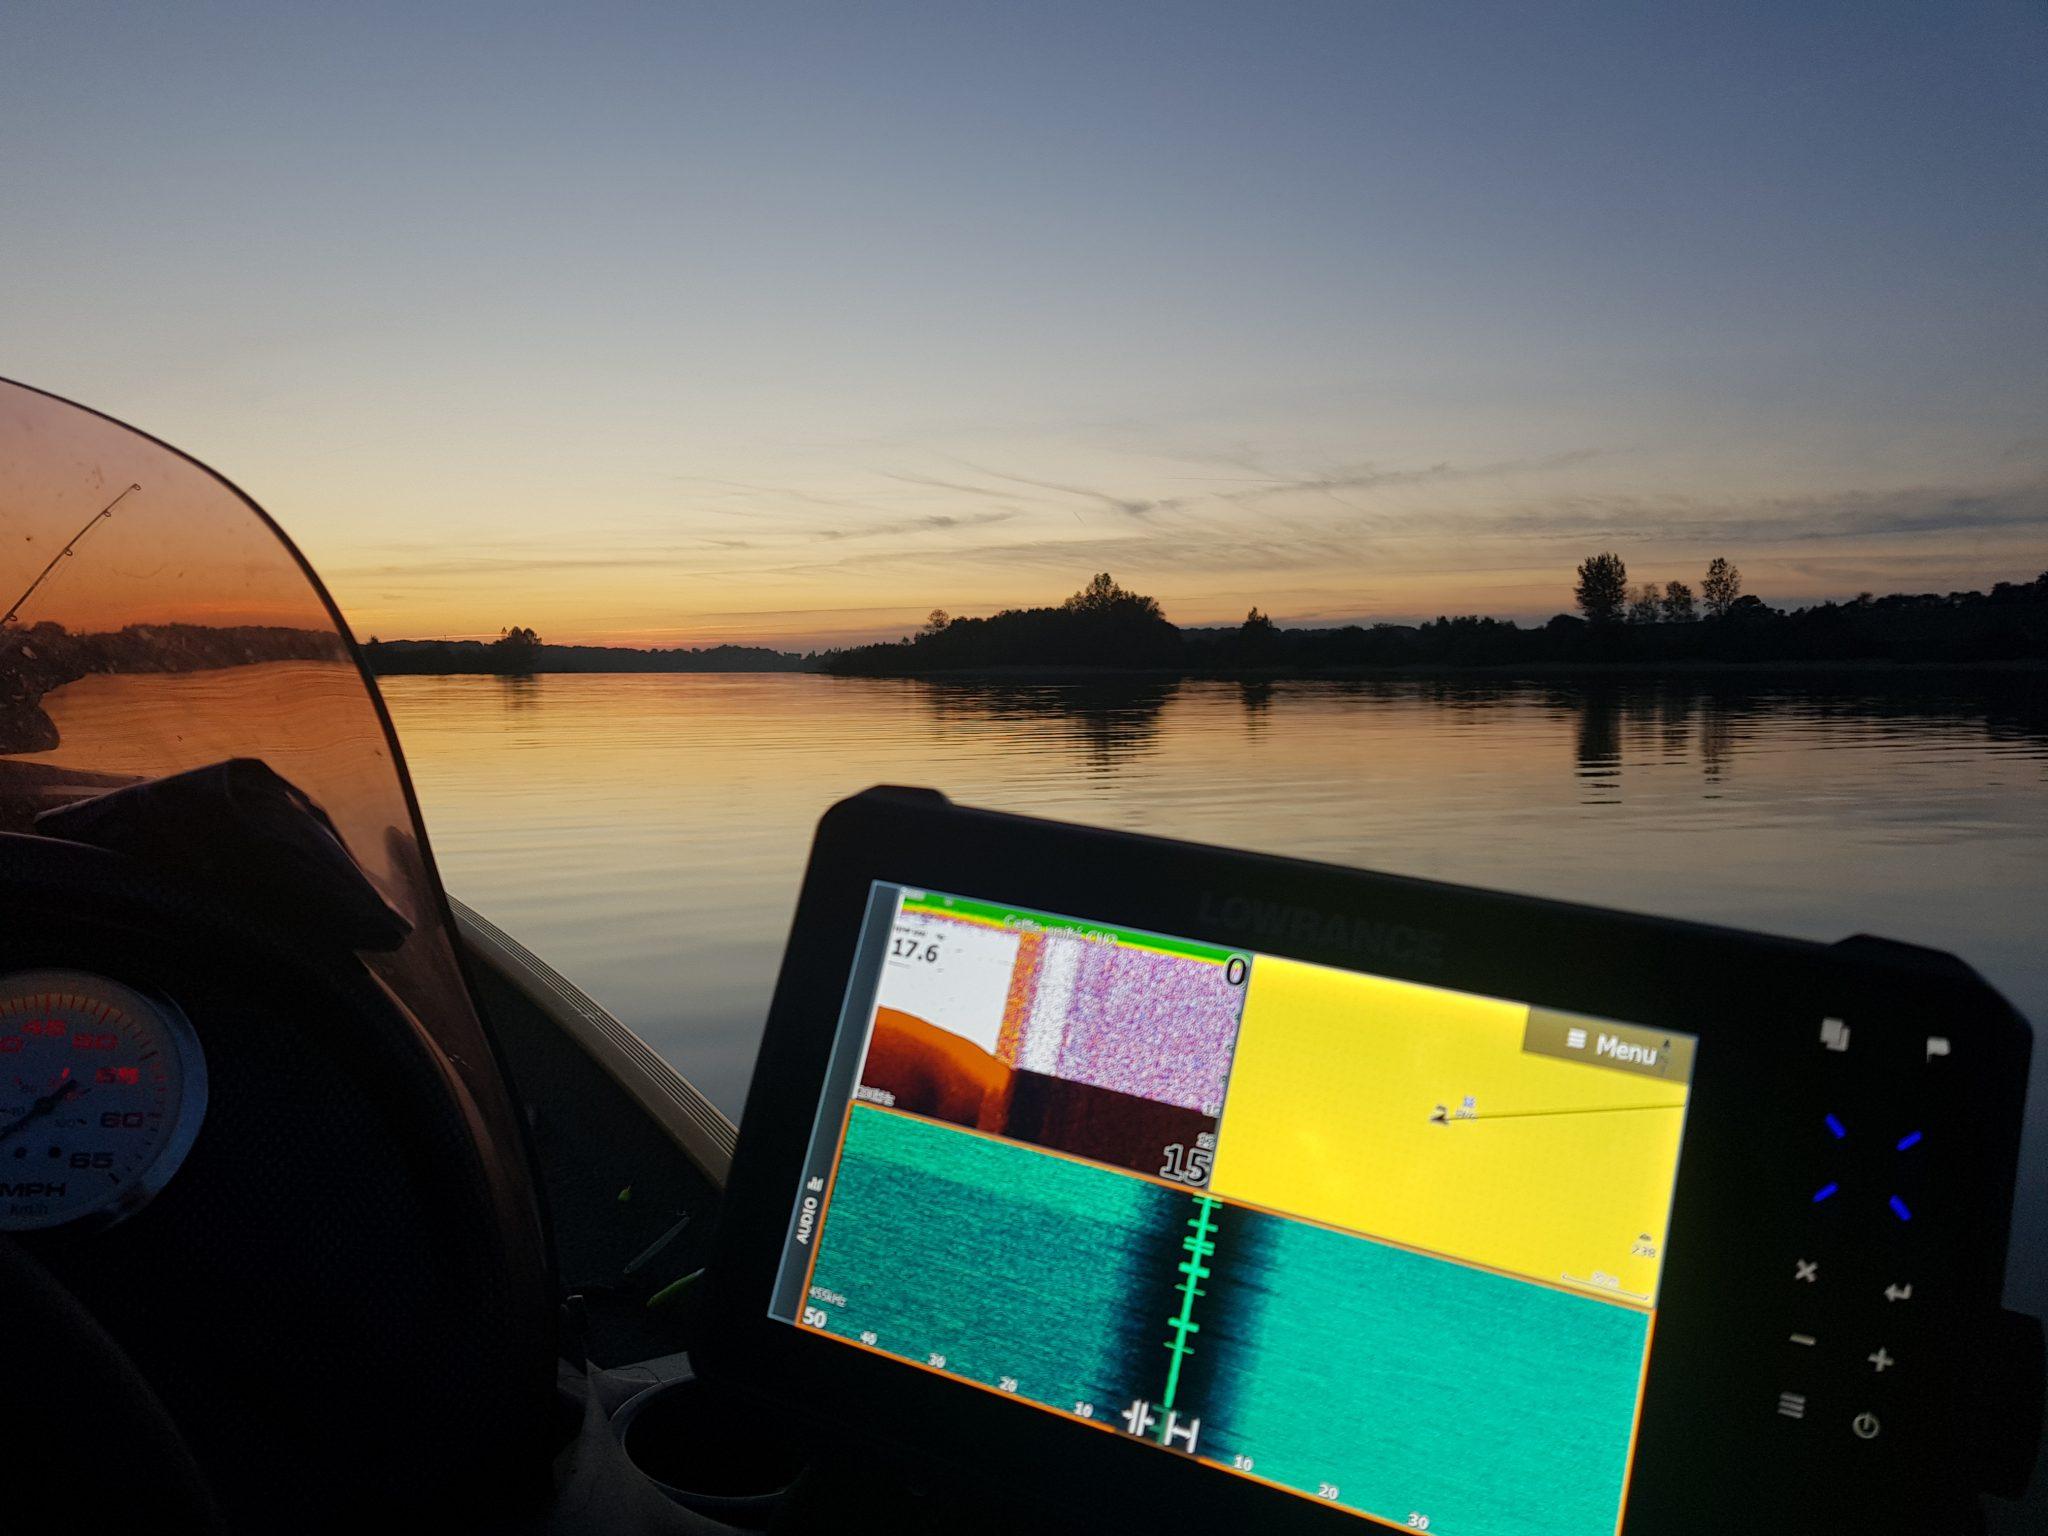 Peche en bateau avec echo sondeur sur le lac de Pareloup